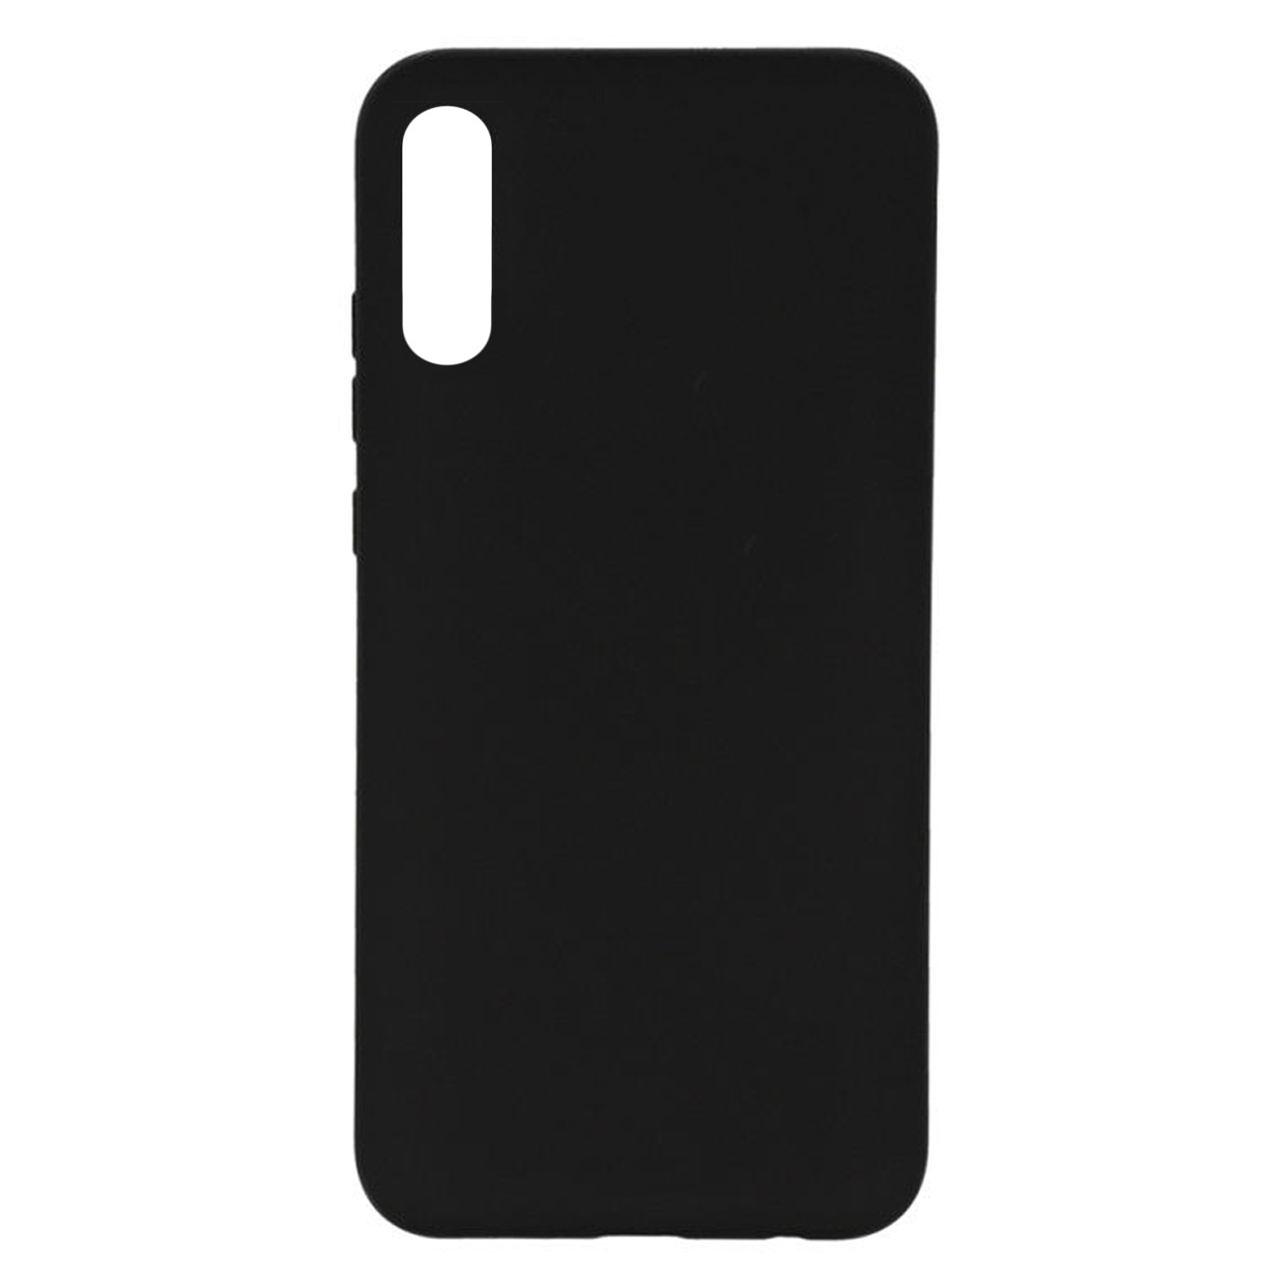 کاور مدل F-01 مناسب برای گوشی موبایل سامسونگ Galaxy A30s